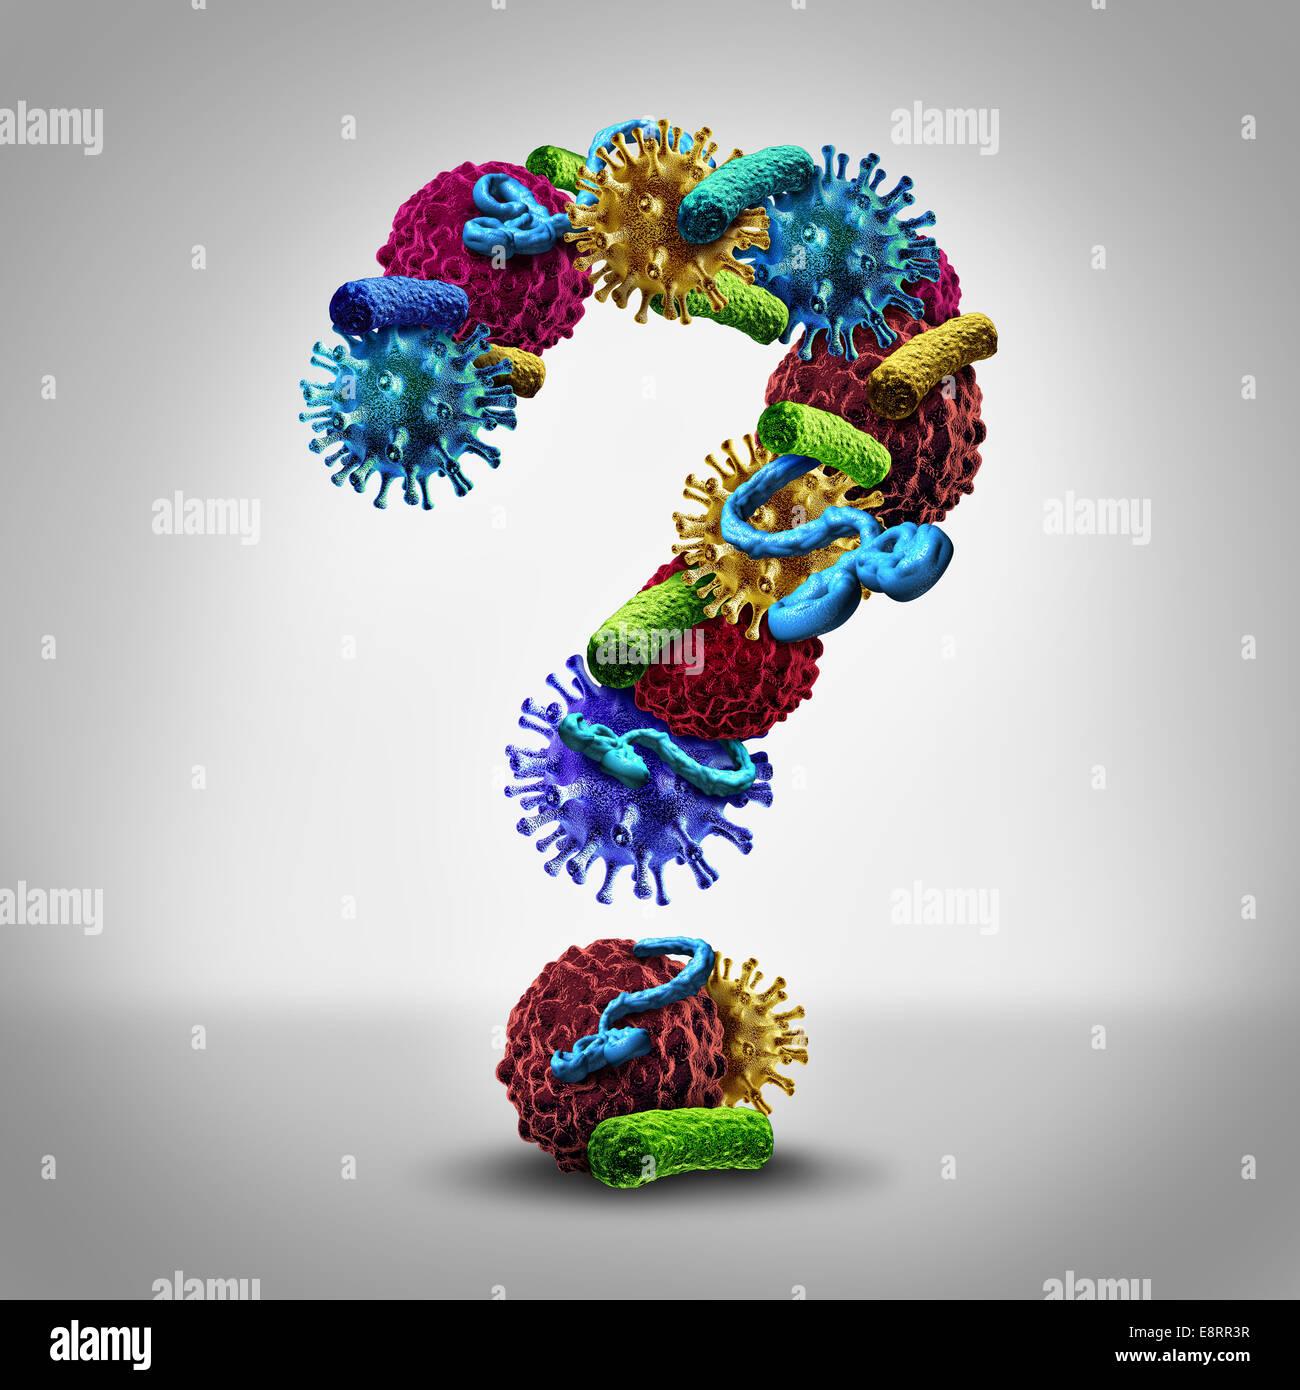 Fragen Medizinische Krankheitskonzept Als Eine Gruppe Von Bakterien